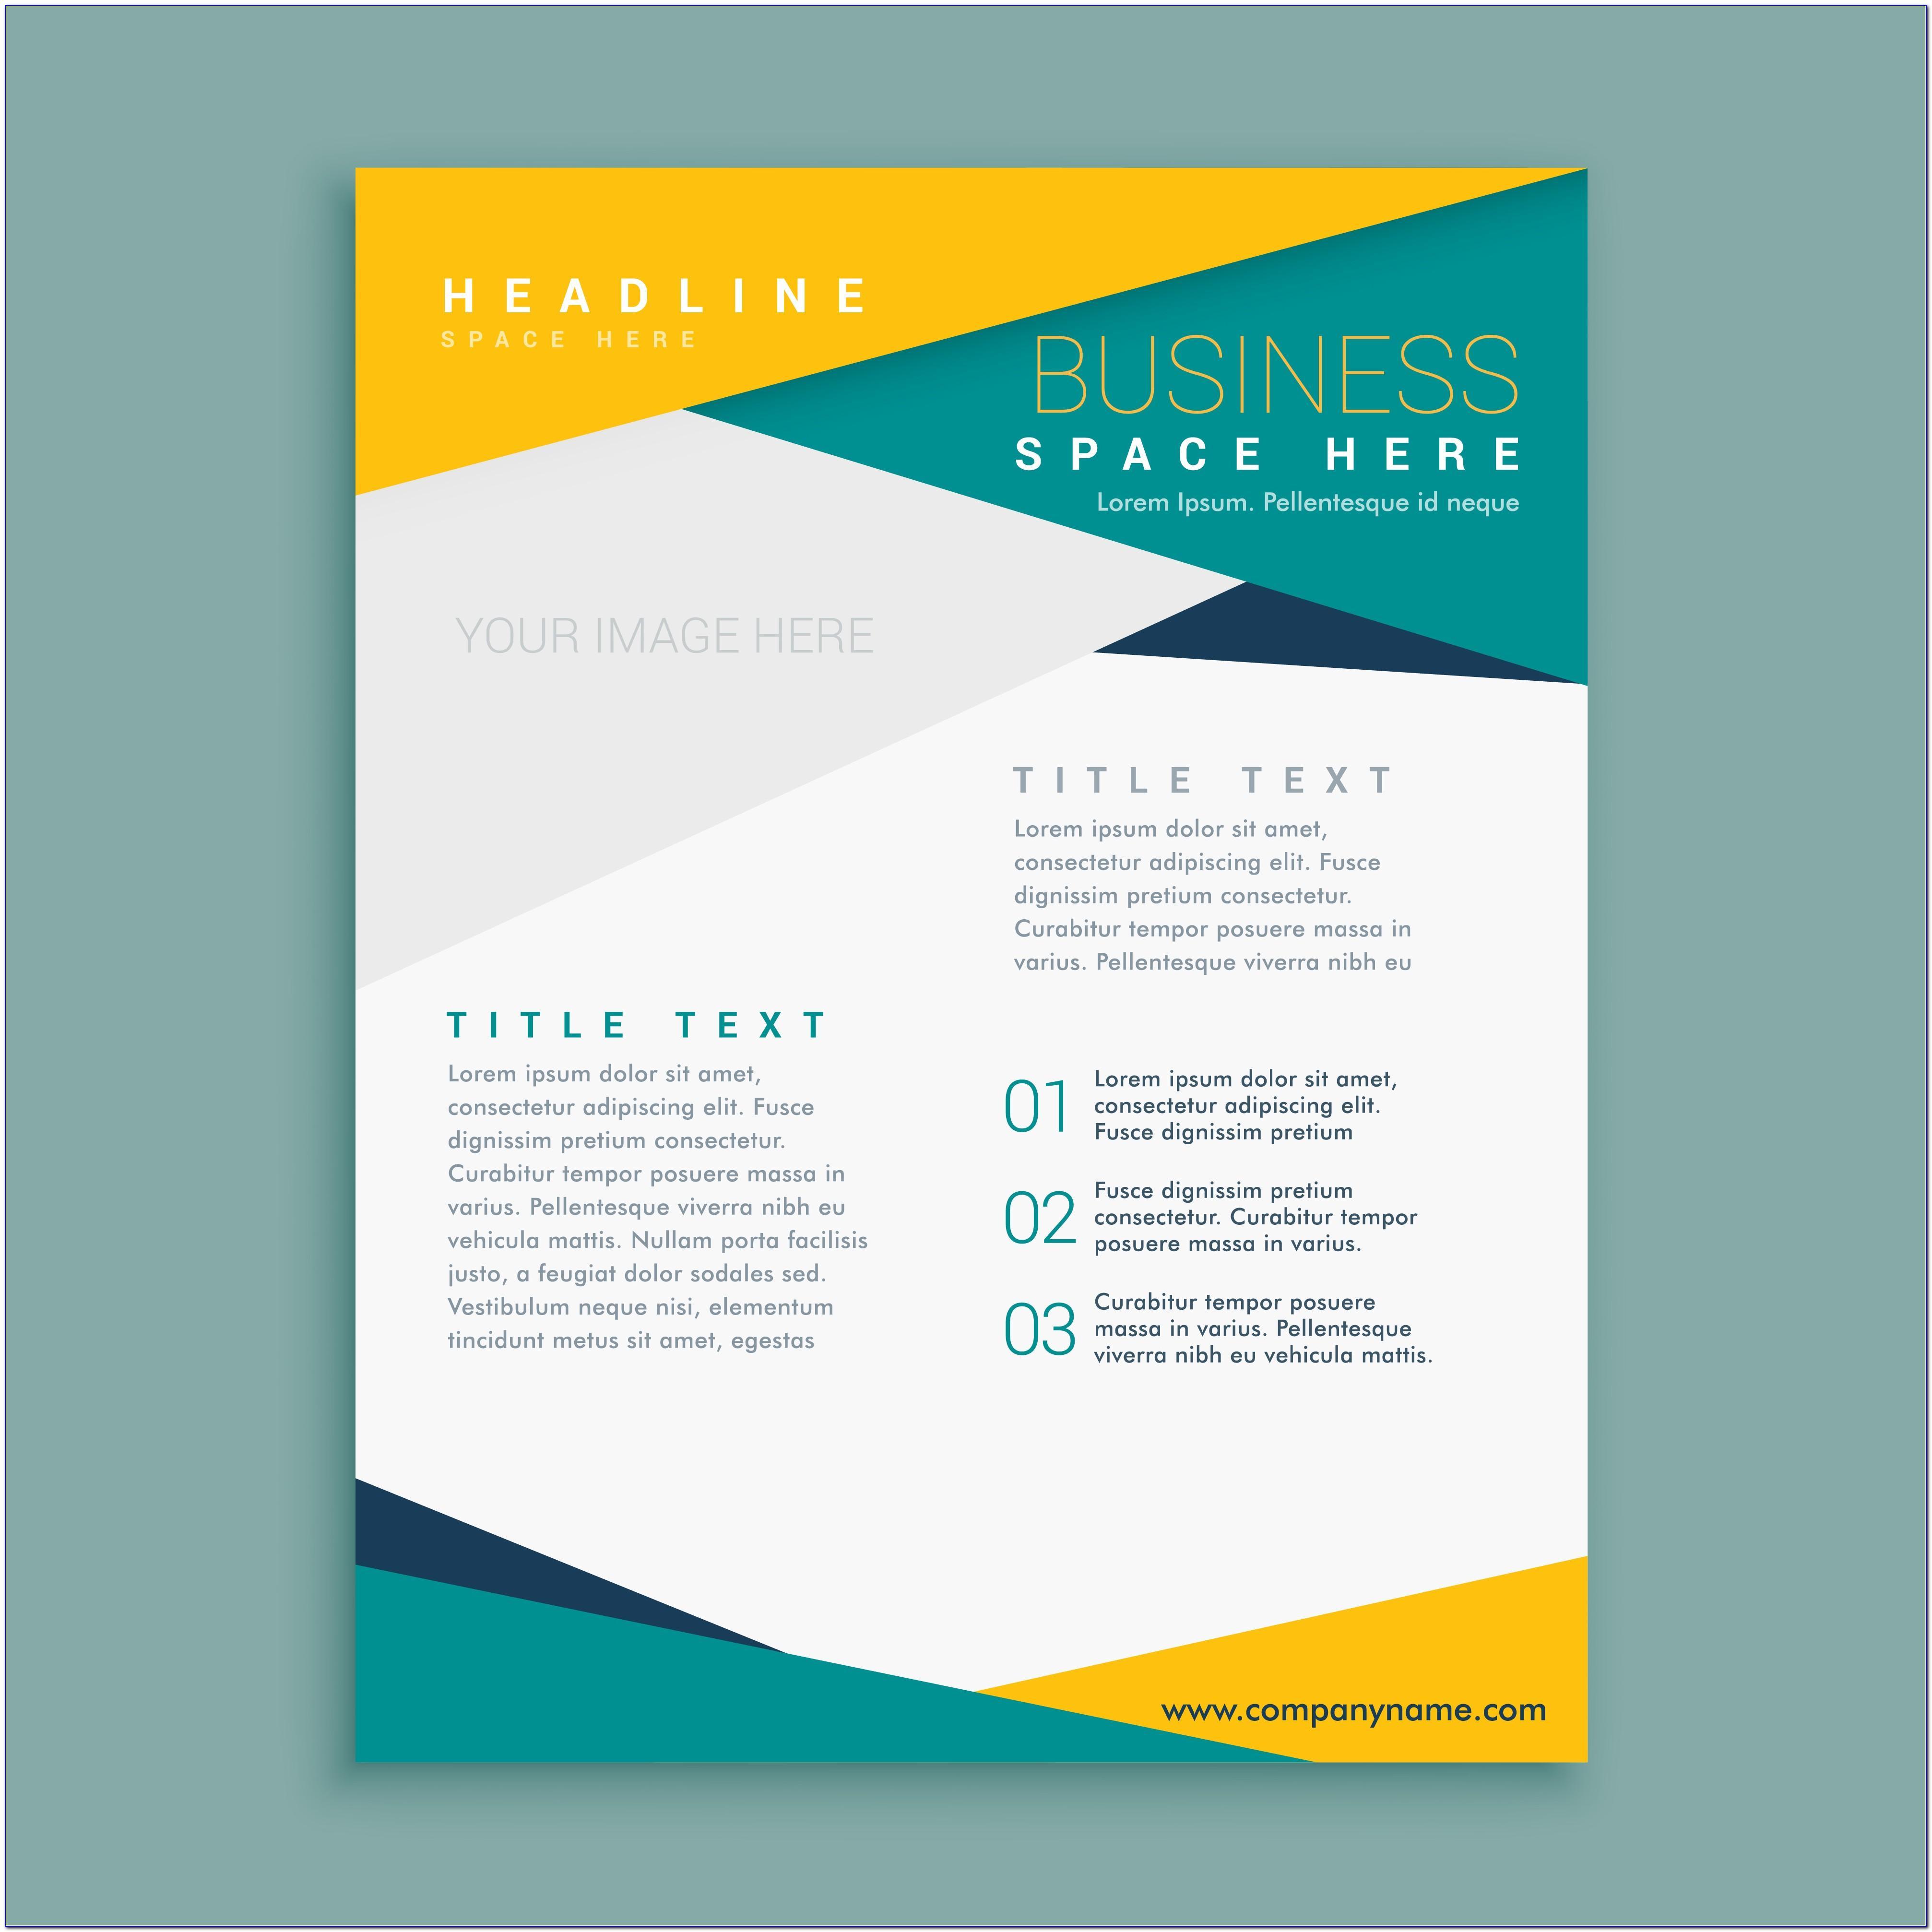 Sample Business Prospectus Template